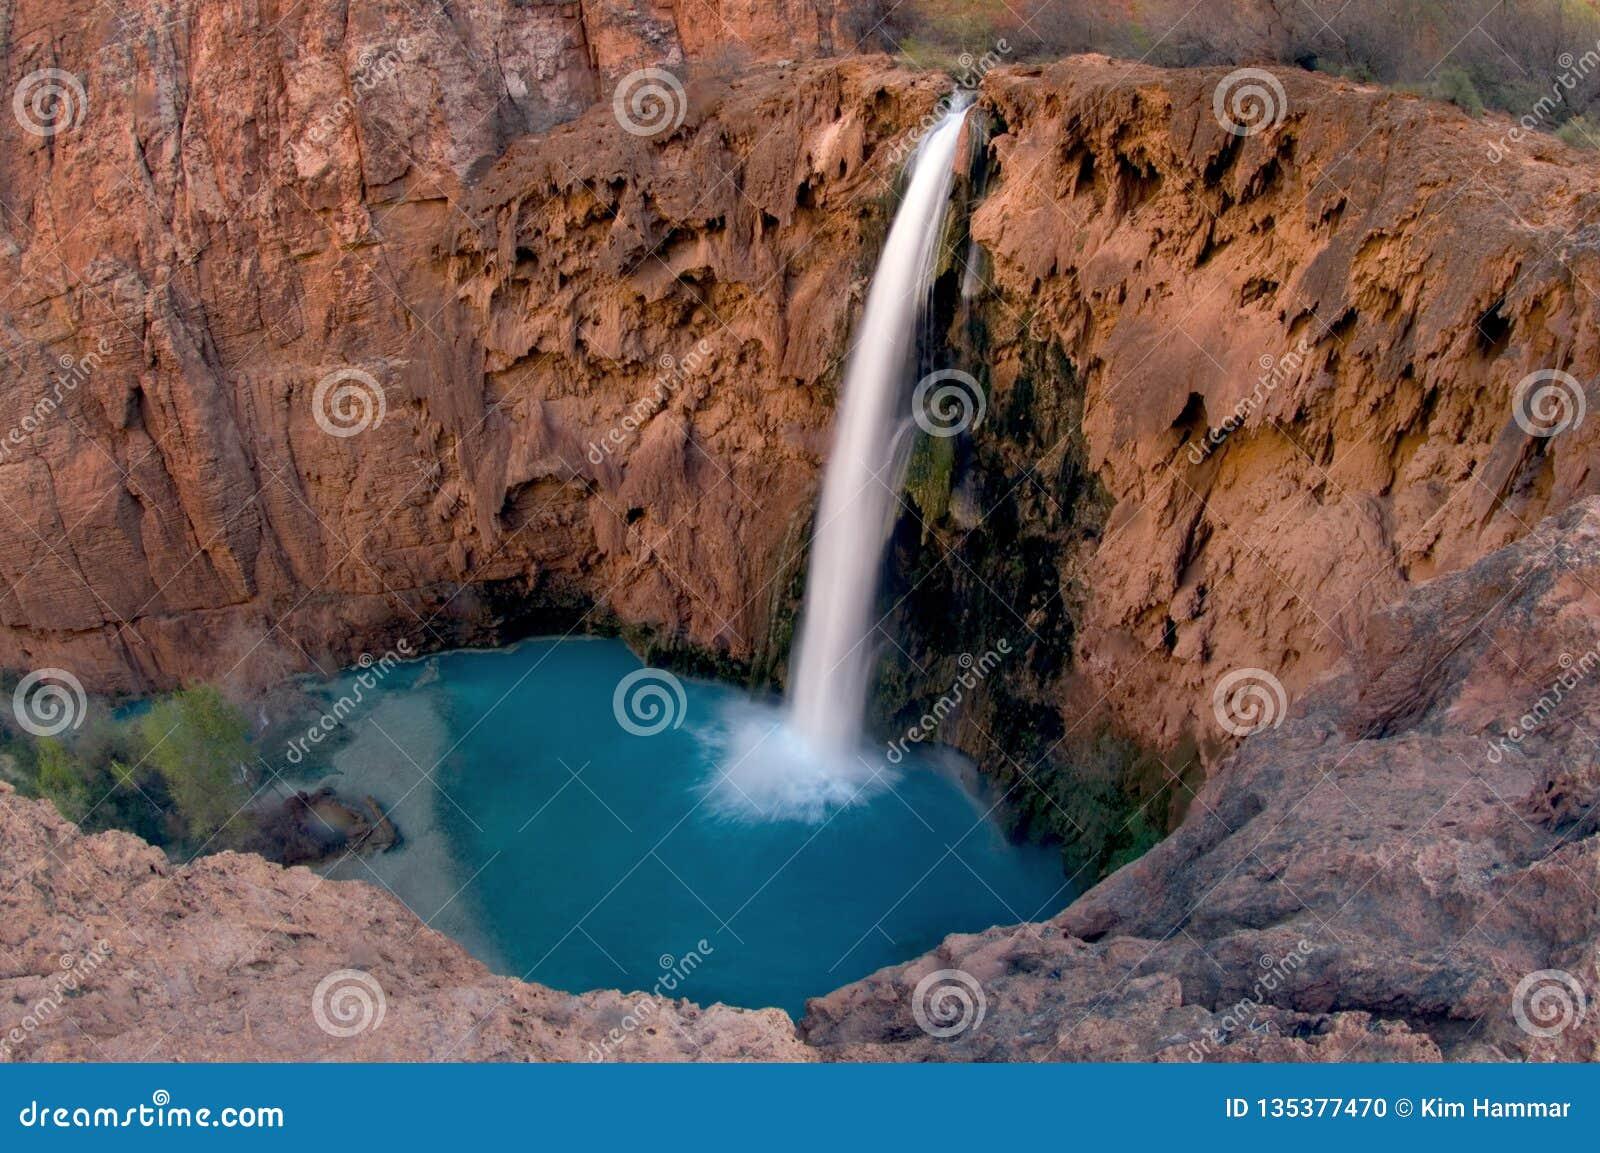 Oko widok Havasu spadki uwydatnia kontrastującą błękitnej zieleni wodę przeciw craggy czerwieni skały ścianie która obwódki ja